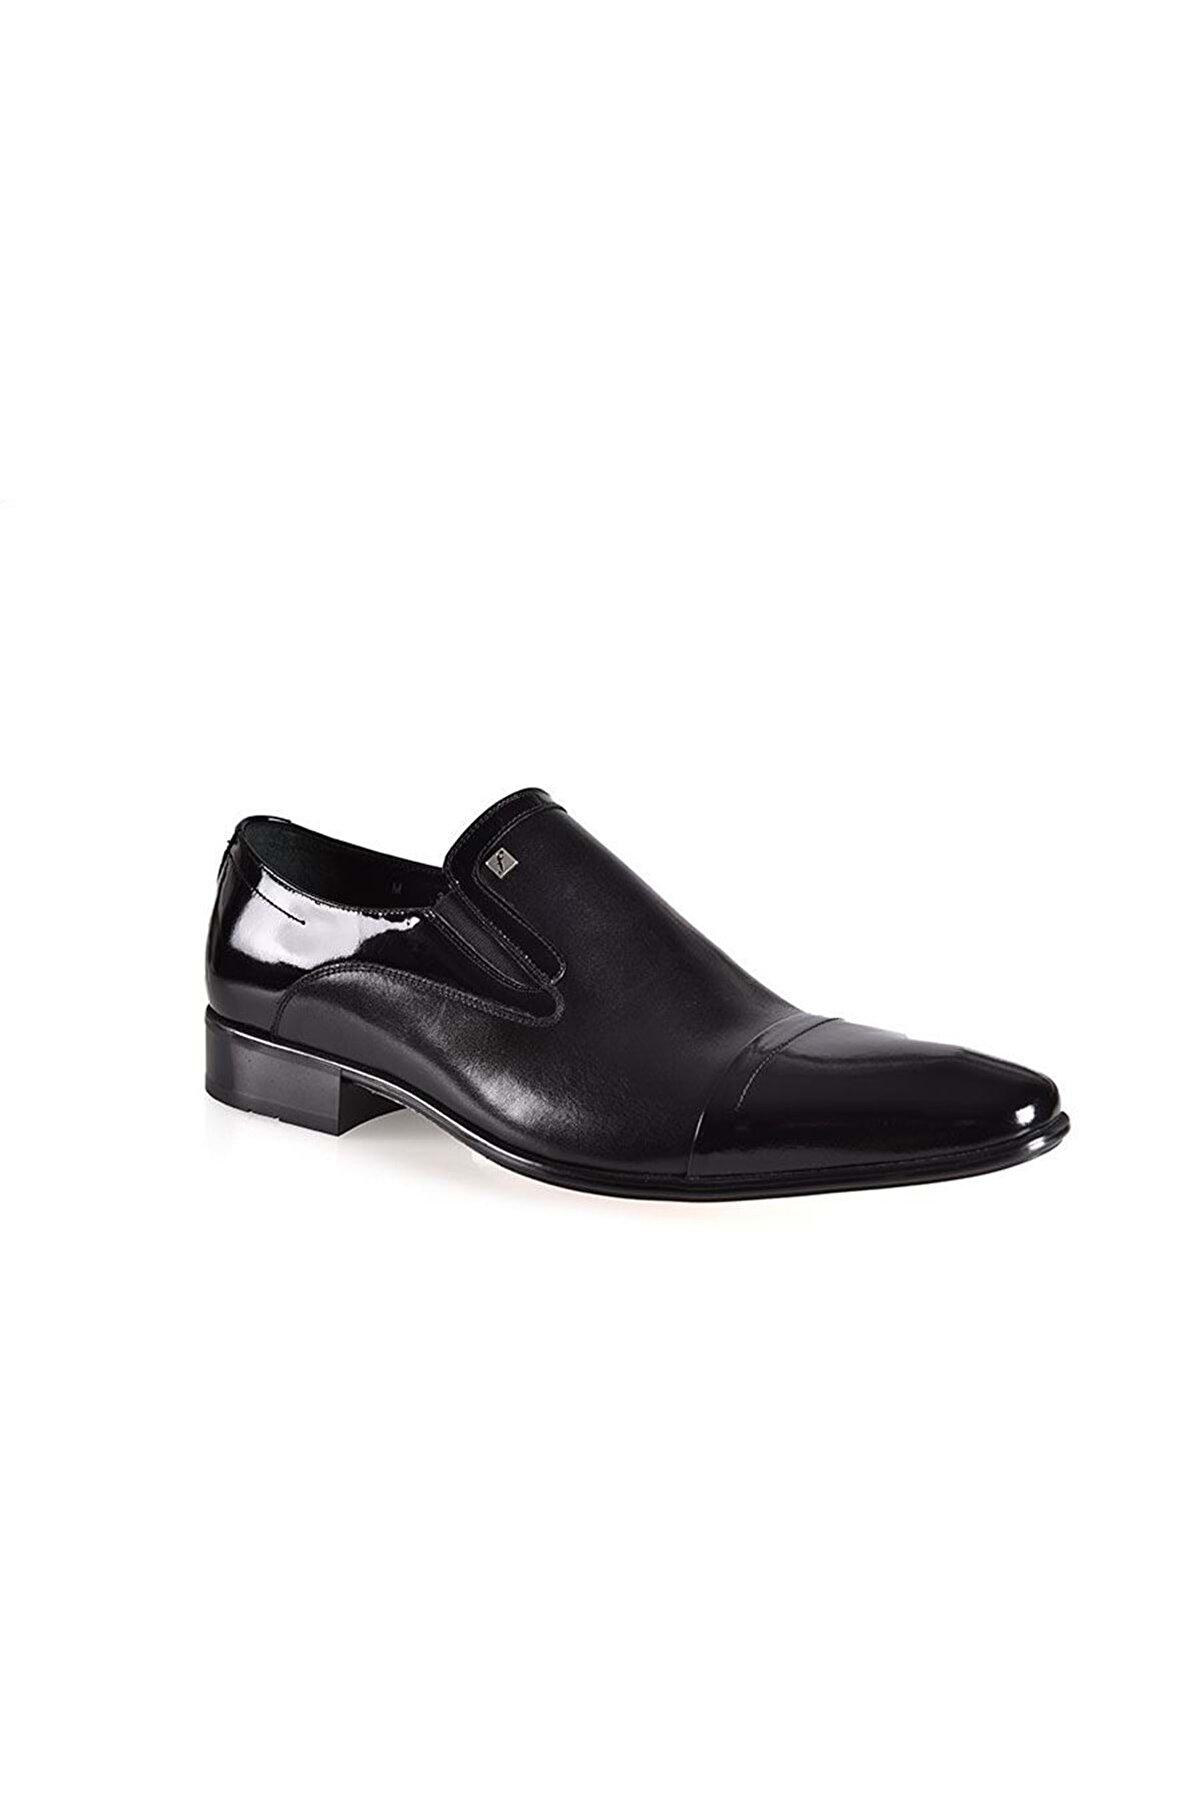 Fosco 3015-3 Erkek Günlük Ayakkabı - - Siyah-rugan - 43